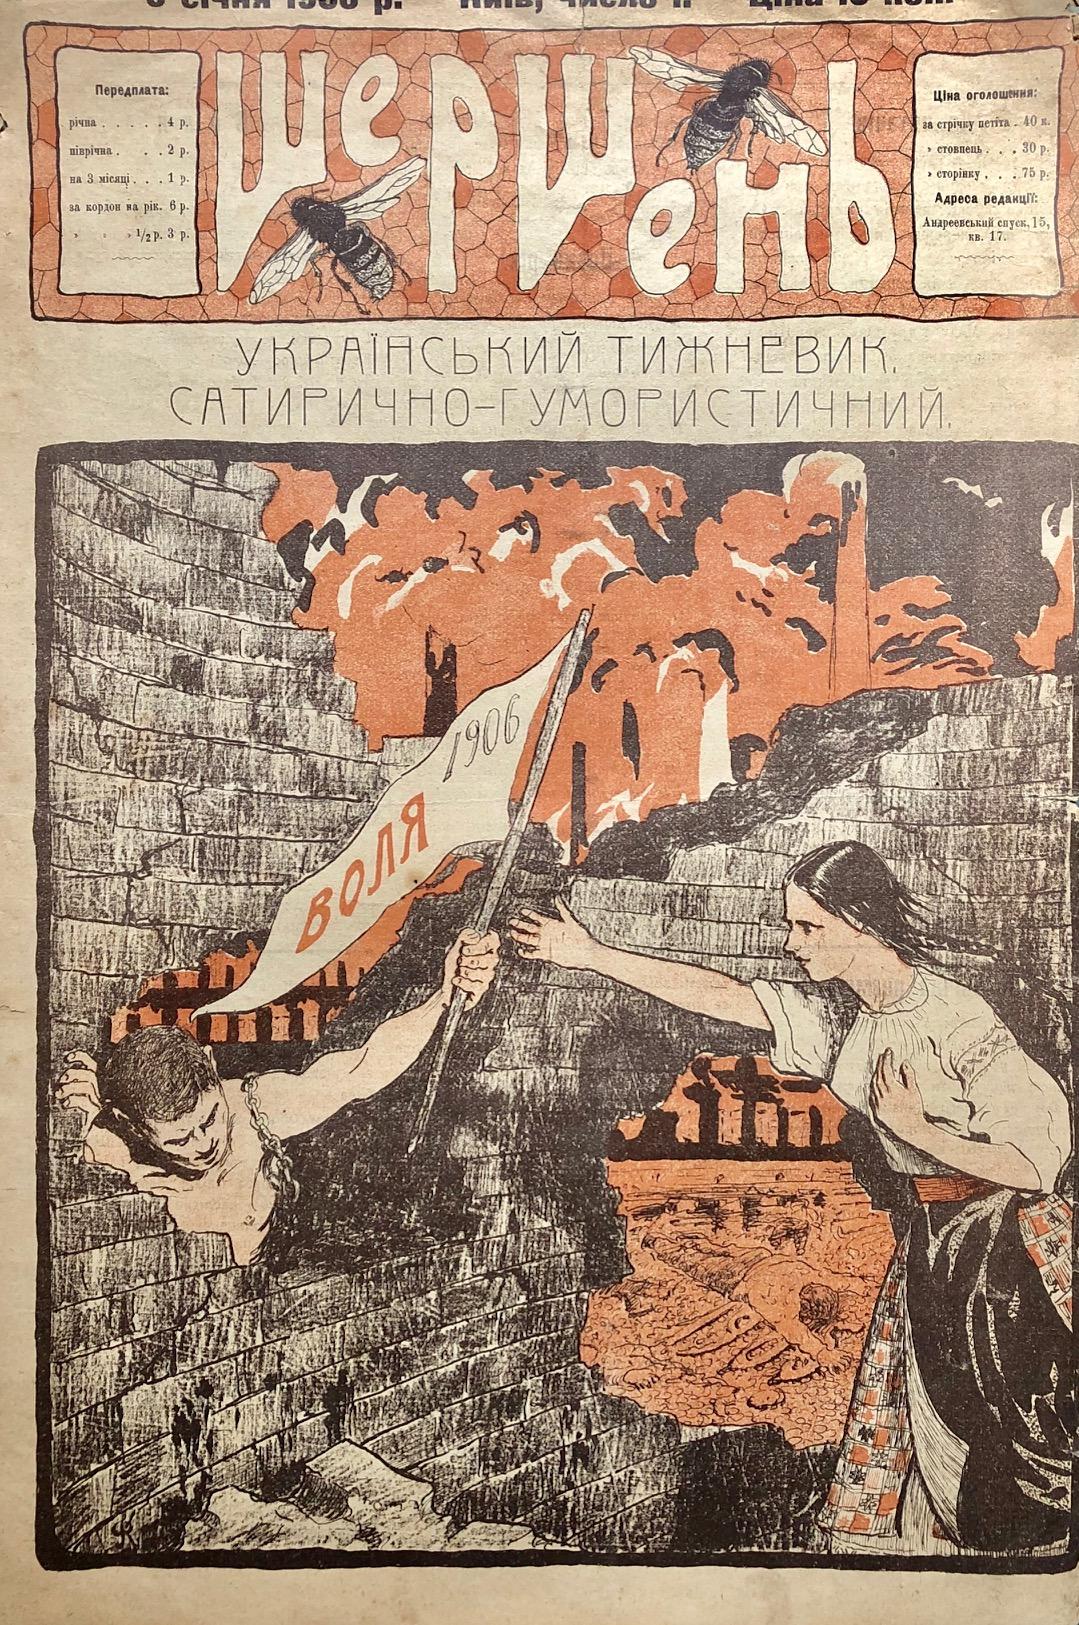 [UCRAINICA] Le frelon. Kiev, 1906. Шершень. Украинский [...]